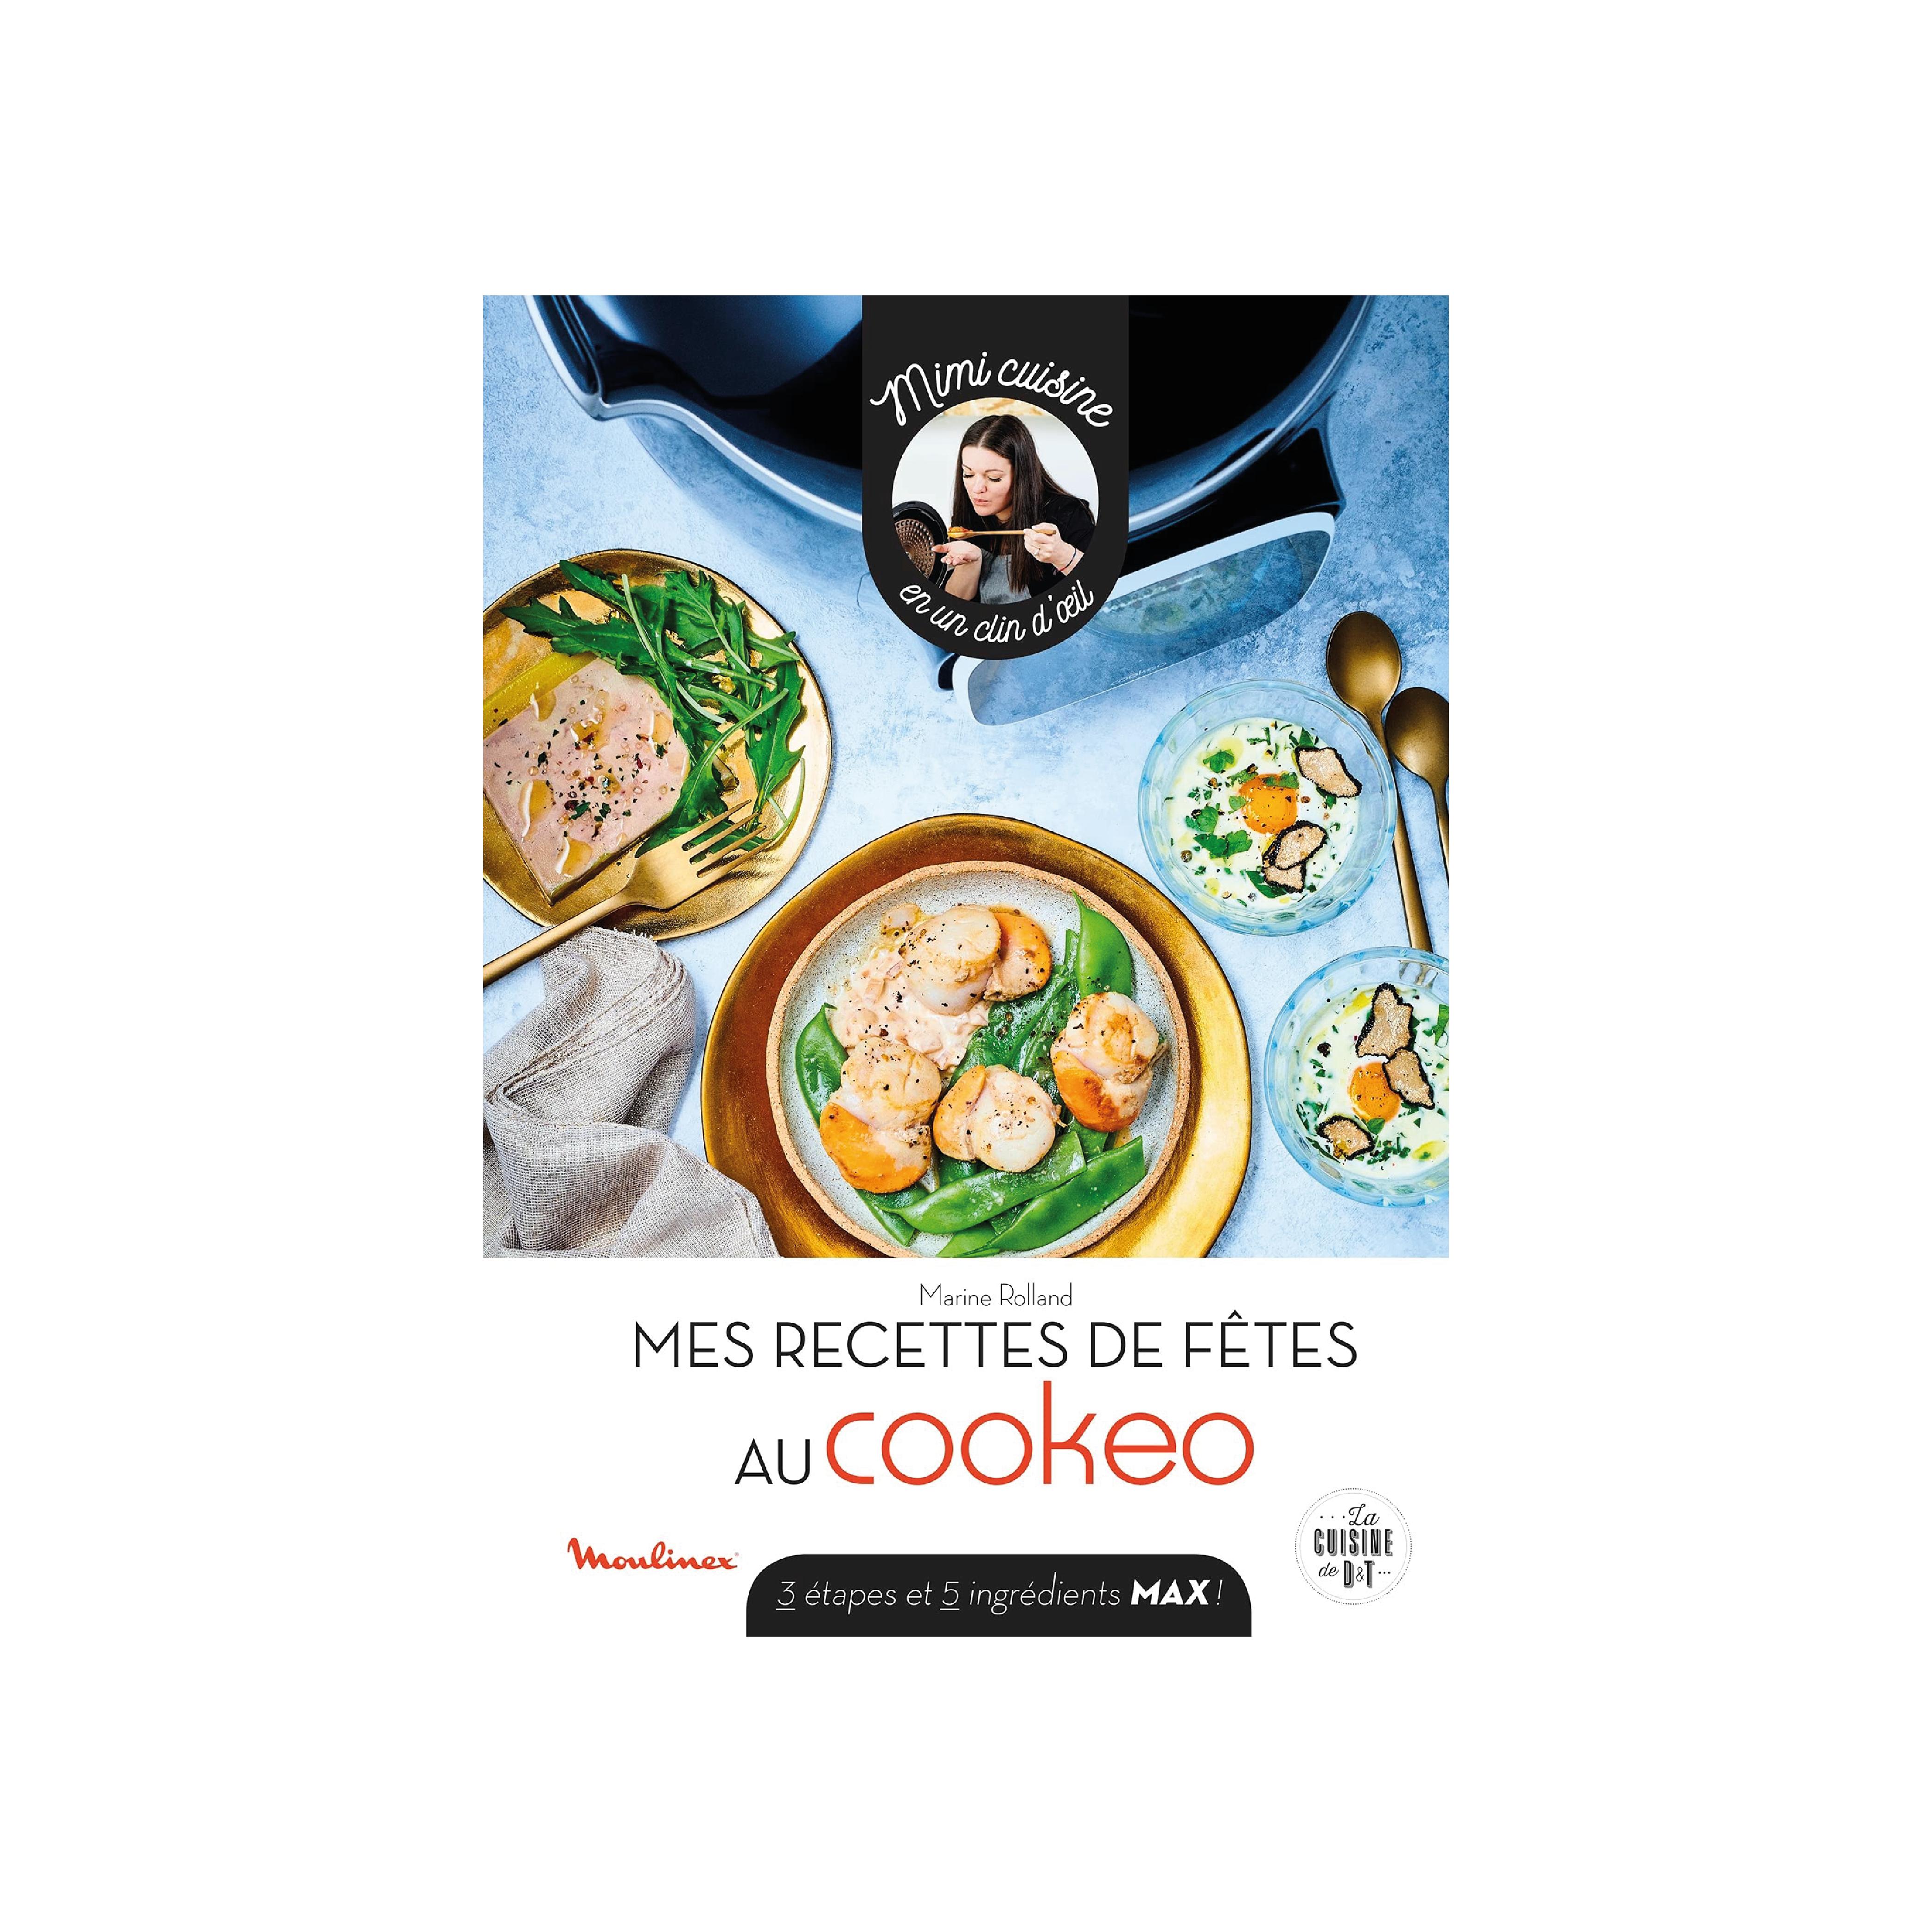 Mes recettes de fêtes au cookeo, Livre de Mimi Cuisine, Mimi Cuisine, Livre Mimi Cuisine, Marine Rolland, Mimi Cuisine, Miam Agency, Influenceur food, Influenceuse food, Influenceur cuisine, Influenceuse cuisine, Influenceurs food, Influenceuses food, Influenceurs cuisine, Influenceuses cuisine, Blogueuse culinaire, Blogueuses culinaire, Blogueuse cuisine, Blogueuses cuisine, Blogueuse Cookeo, Blogueuses Cookeo, Blogueuse Companion, Blogueuses Companion, Blogueuse Multidélices, Blogueuses Multidélices, Blogueuse Thermomix, Blogueuses Thermomix, Blog cuisine, Blog culinaire, Blog cuisine facile, Blog recettes, Blog cuisine traditionnelle, Blog cuisine connectée, Recettes sucrées, Recettes salées, Recette sucrée, Recette salée, Recette facile, Recettes faciles, Recette sans appareil, Recettes sans appareil, Recettes avec multicuiseur, Recette avec multicuiseur, Recettes avec robot cuiseur, Recette avec robot cuiseur, Livre Cookeo, Livre Recettes Cookeo, Cookeo blog, Blog Cookeo, Recettes Cookeo, Recette Cookeo, Recettes maison Cookeo, Recette maison Cookeo, Recette Cookeo sucrée, Recette Cookeo salée, Recettes Cookeo sucrées, Recettes Cookeo salées, Recette salée Cookeo, Recette sucrée Cookeo, Recettes salées Cookeo, Recettes sucrées Cookeo, Meilleure Recette Cookeo, Recette facile Cookeo, Recettes faciles Cookeo, Recette plat Cookeo, Recettes plats Cookeo, Recette Cookeo plat, Recette entrée Cookeo, Recettes entrées Cookeo, Recette Cookeo entrée, Recette dessert Cookeo, Recettes desserts Cookeo, Recette Cookeo dessert, Moulinex blog, Blog Moulinex, Recettes Moulinex, Recette Moulinex, Recettes maison Moulinex, Recette maison Moulinex, Companion blog, Blog Companion, Recettes Companion, Recette Companion, Recettes maison Companion, Recette maison Companion, Recette Companion sucrée, Recettes Companion sucrées, Recette Companion salée, Recettes Companion salées, Recette salée Companion, Recettes salées Companion, Meilleure Recette Companion, Recette facile Companion, R